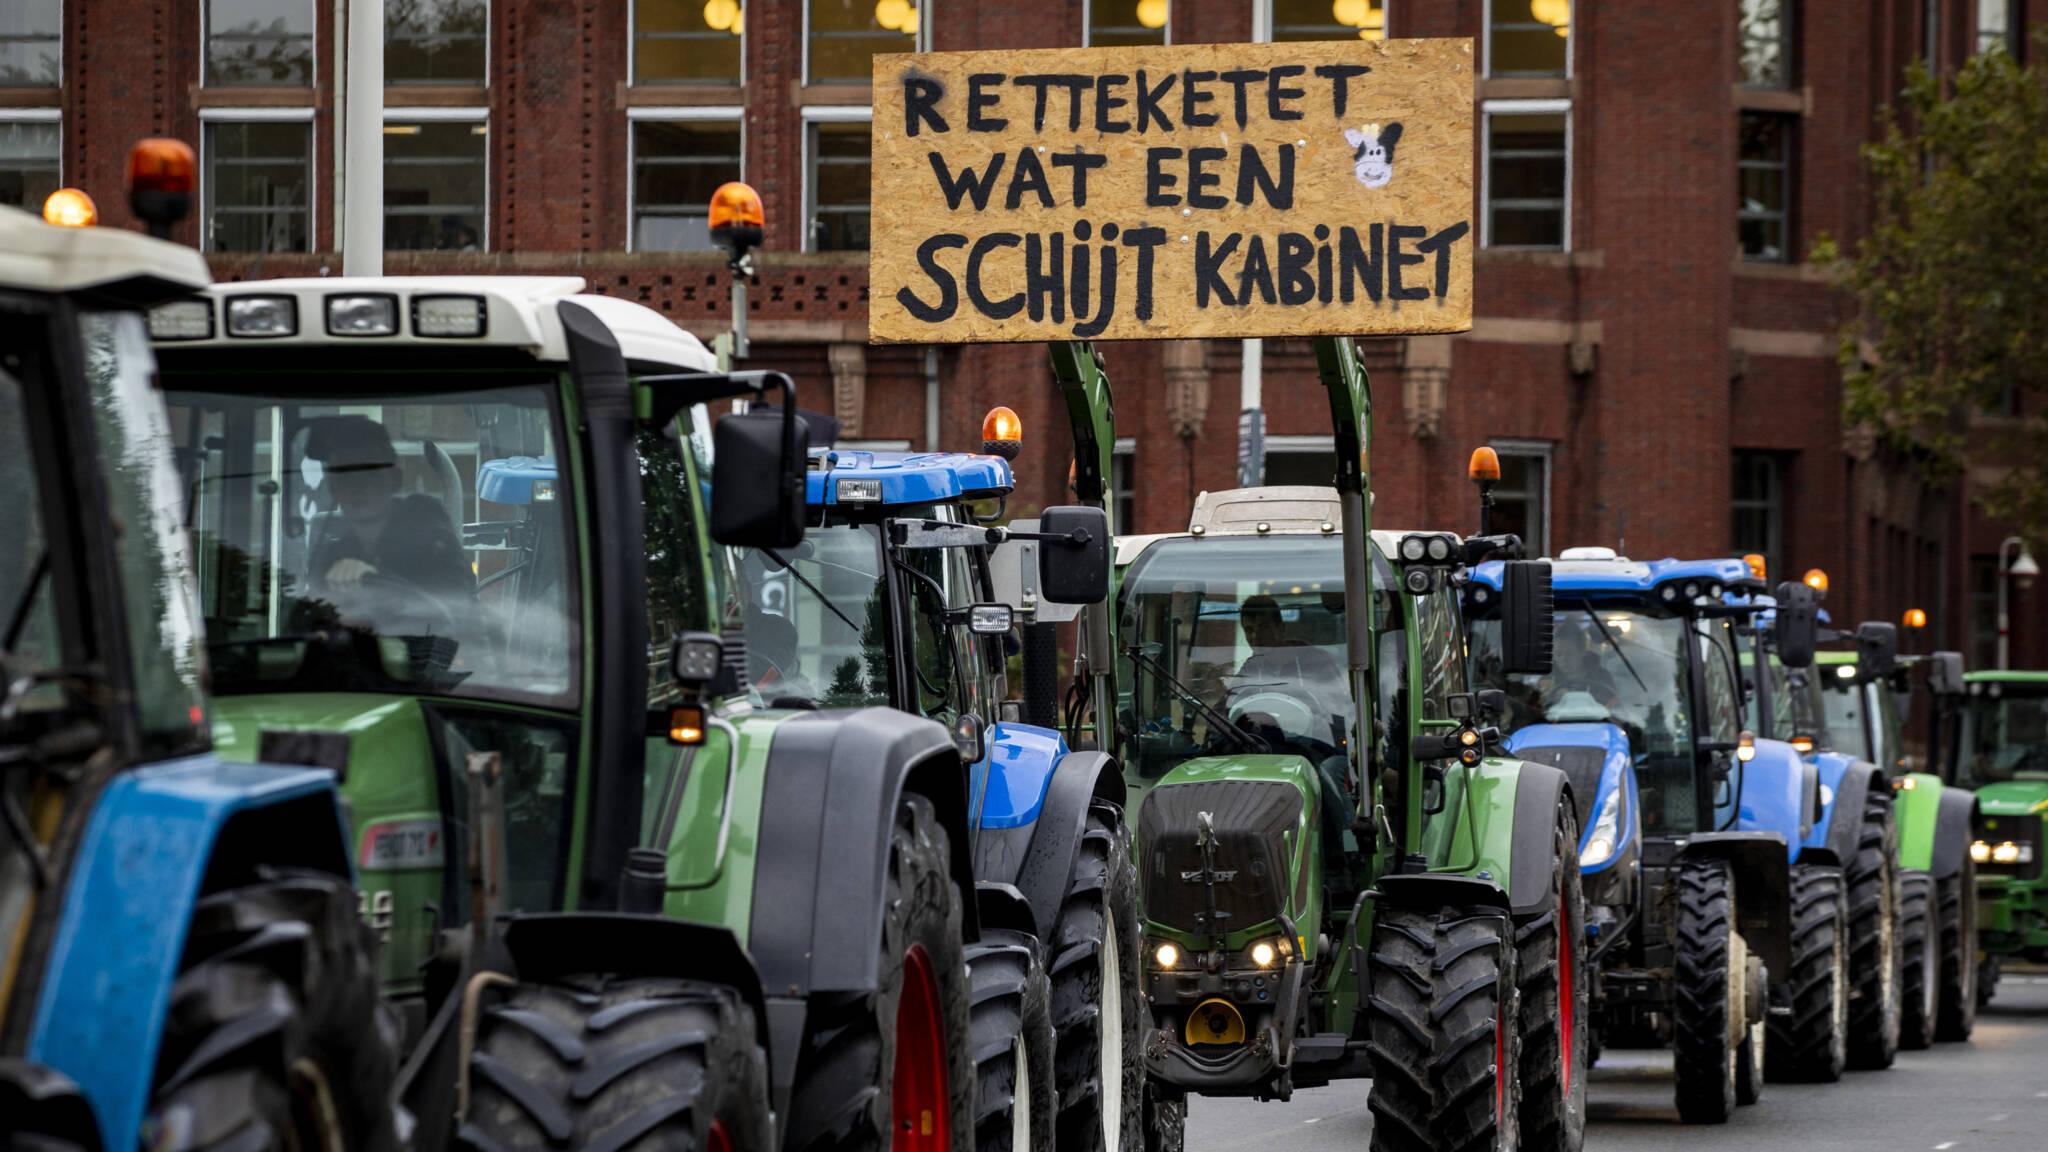 Što je točno problem s dušikom, zašto se poljoprivrednici žale i zašto smanjenje brzine?